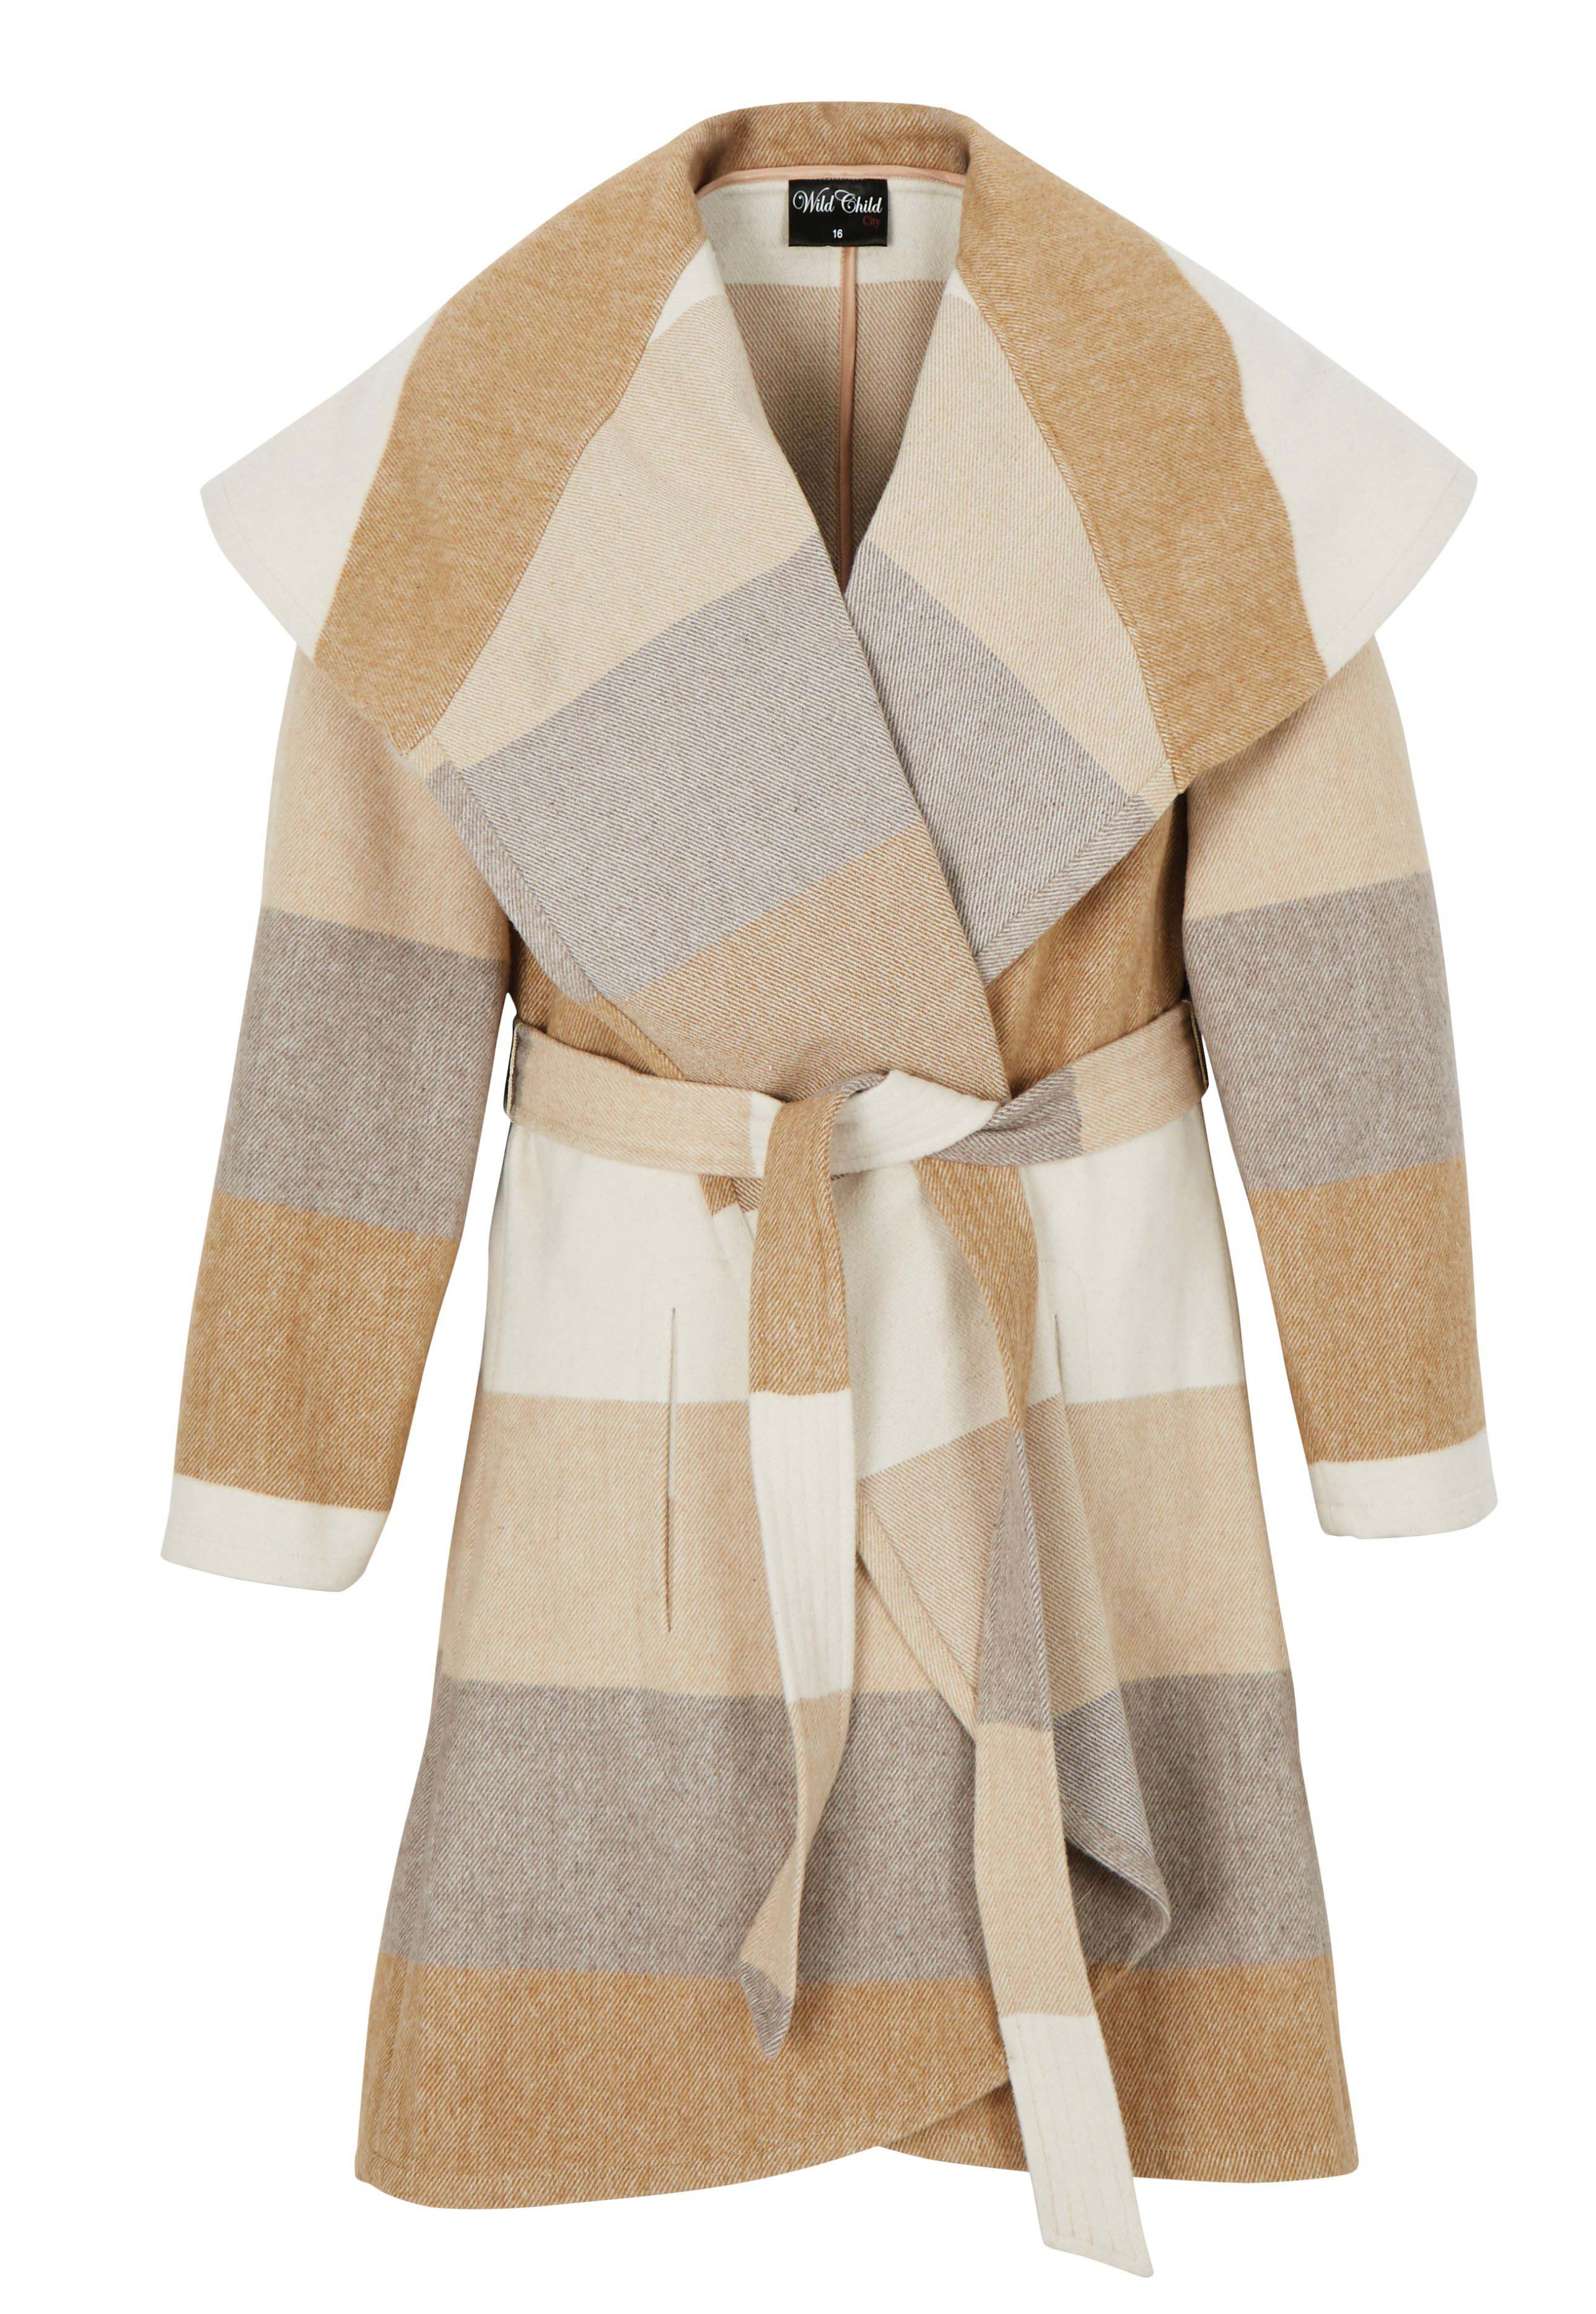 6077828 Wild Child City Shawl Coat $169.99